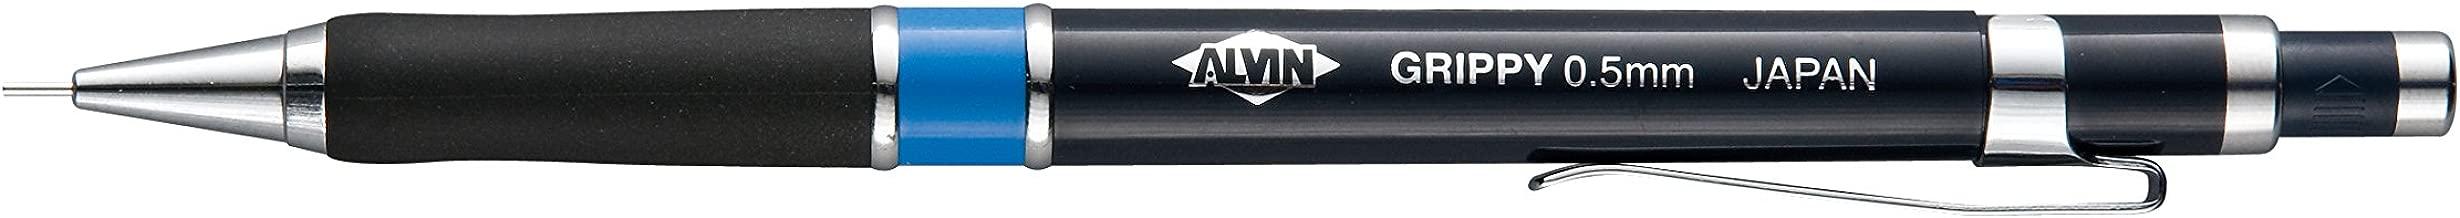 Alvin Eraser Refill, 3 Pack (AGR)